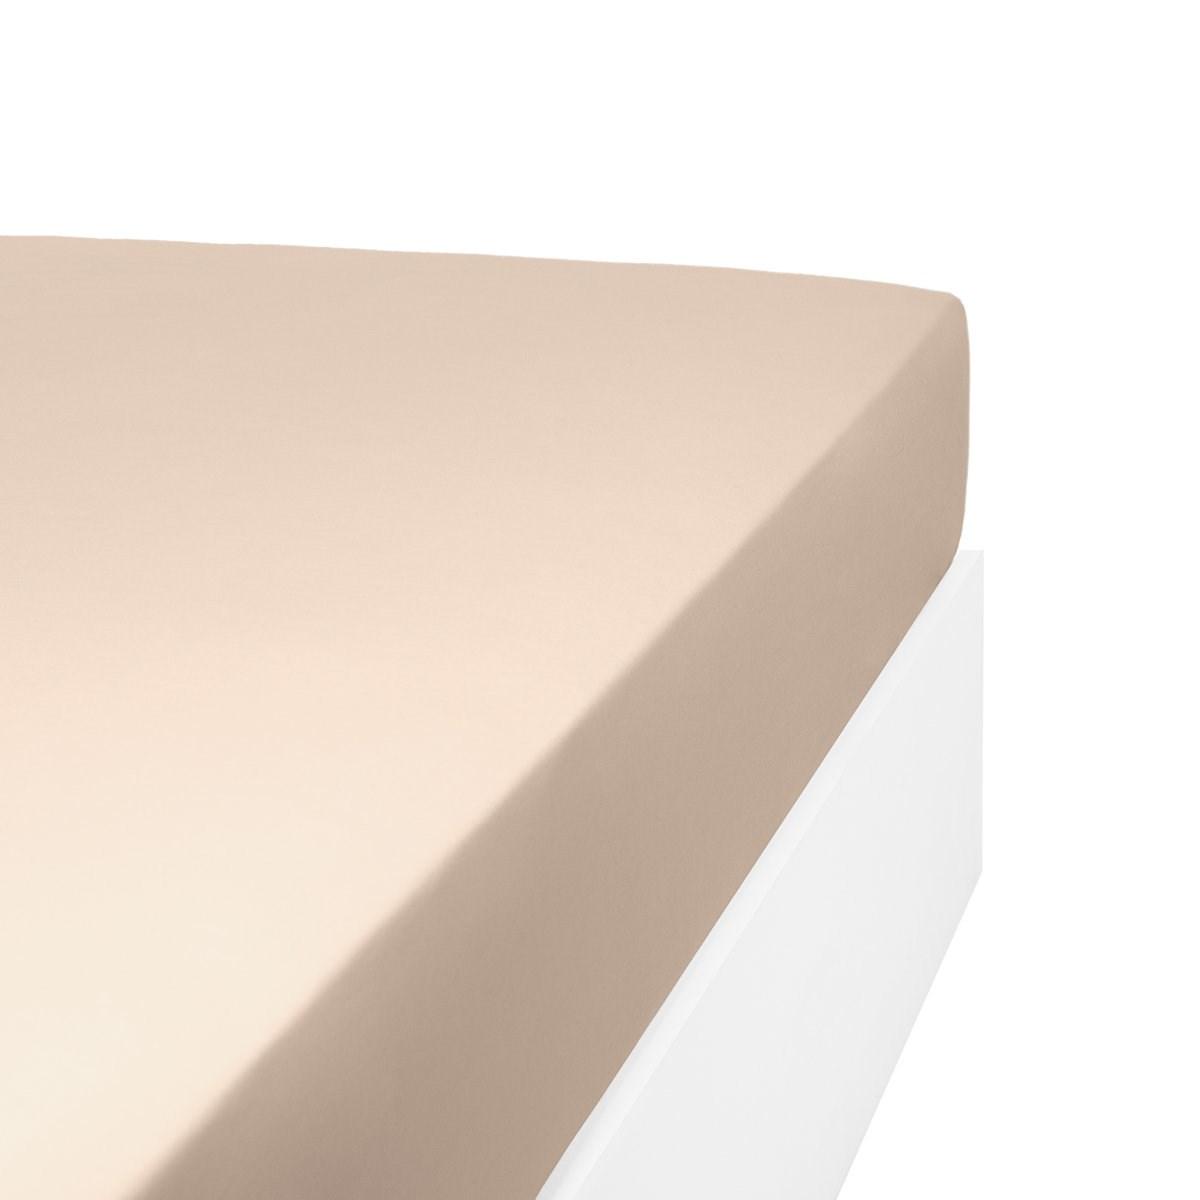 Drap housse uni 200 fils en de coton beige foncé 80x200 cm